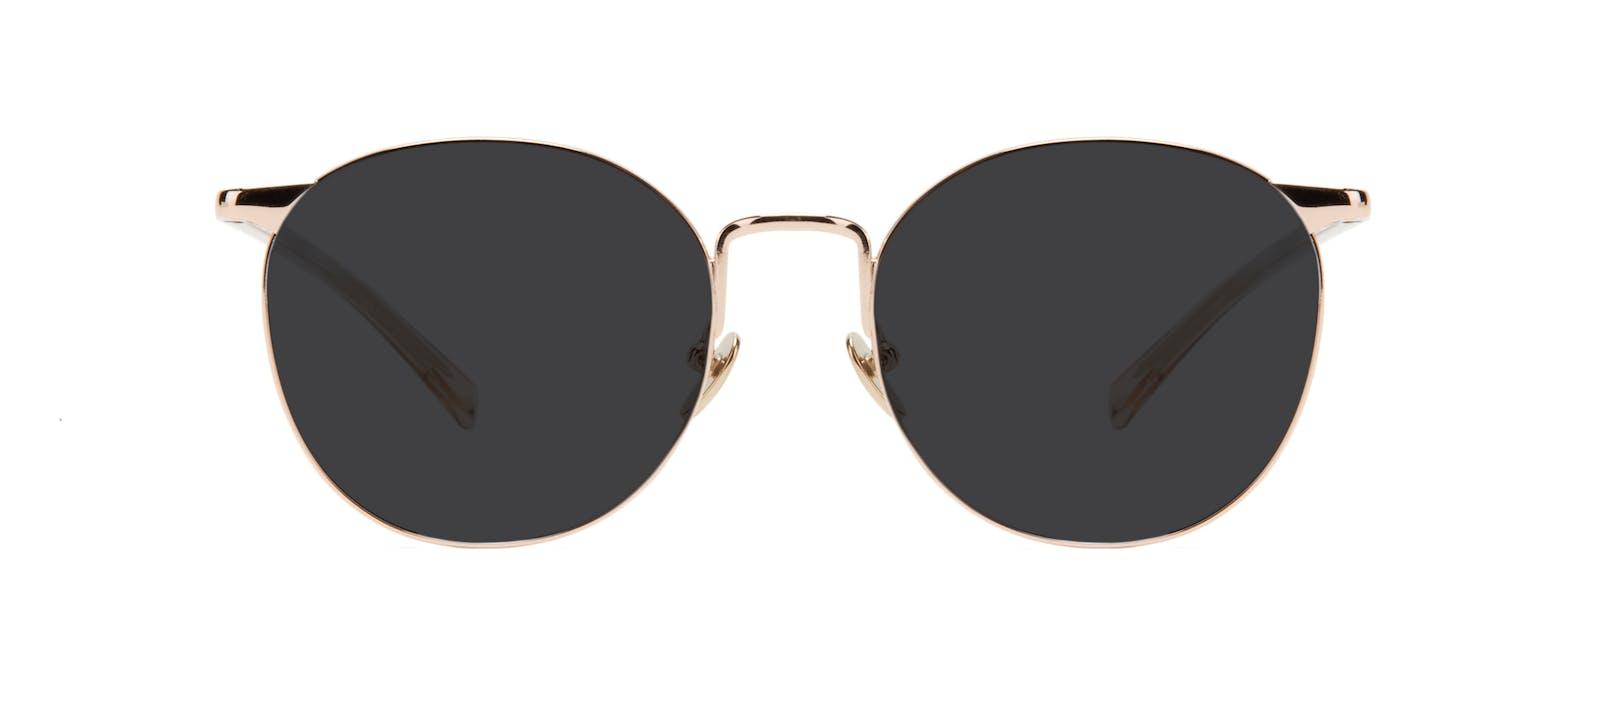 68e871b311 Affordable Fashion Glasses Round Sunglasses Women Romy Aurore Front